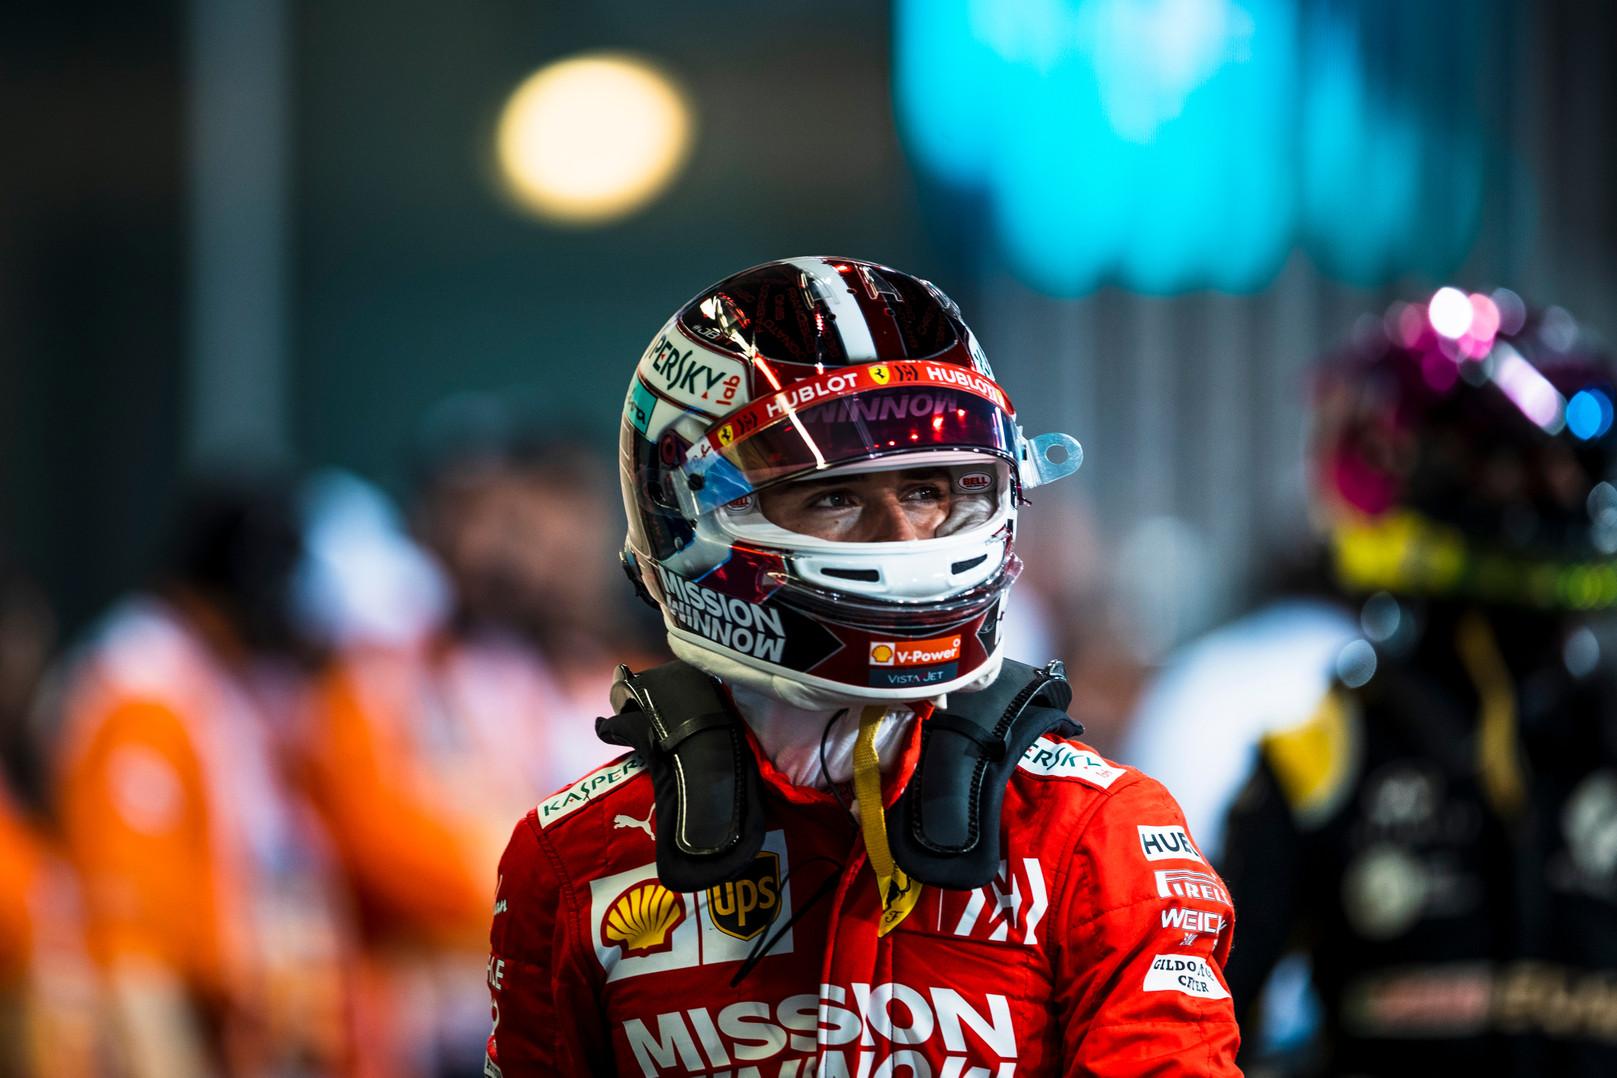 C. Leclercas: iš Vettelio išmokau labai daug svarbių dalykų